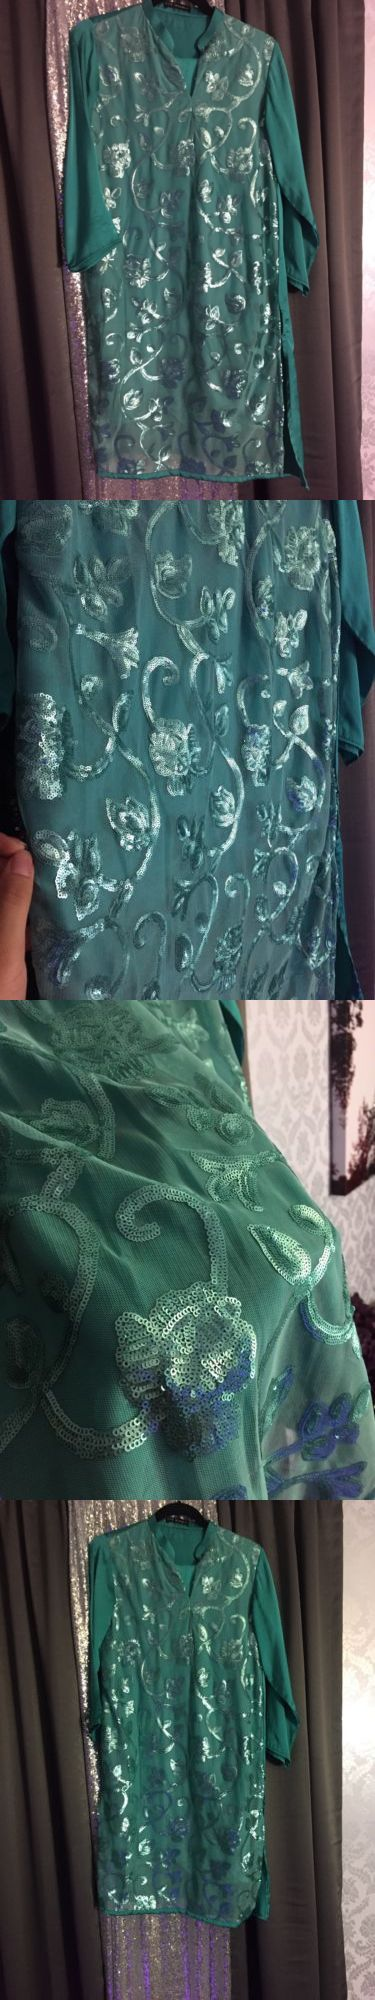 Salwar Kameez 155249: Blue Designer Pakistani Shalwar Kameez Boutique Btw New 38 Size Large -> BUY IT NOW ONLY: $38 on eBay!